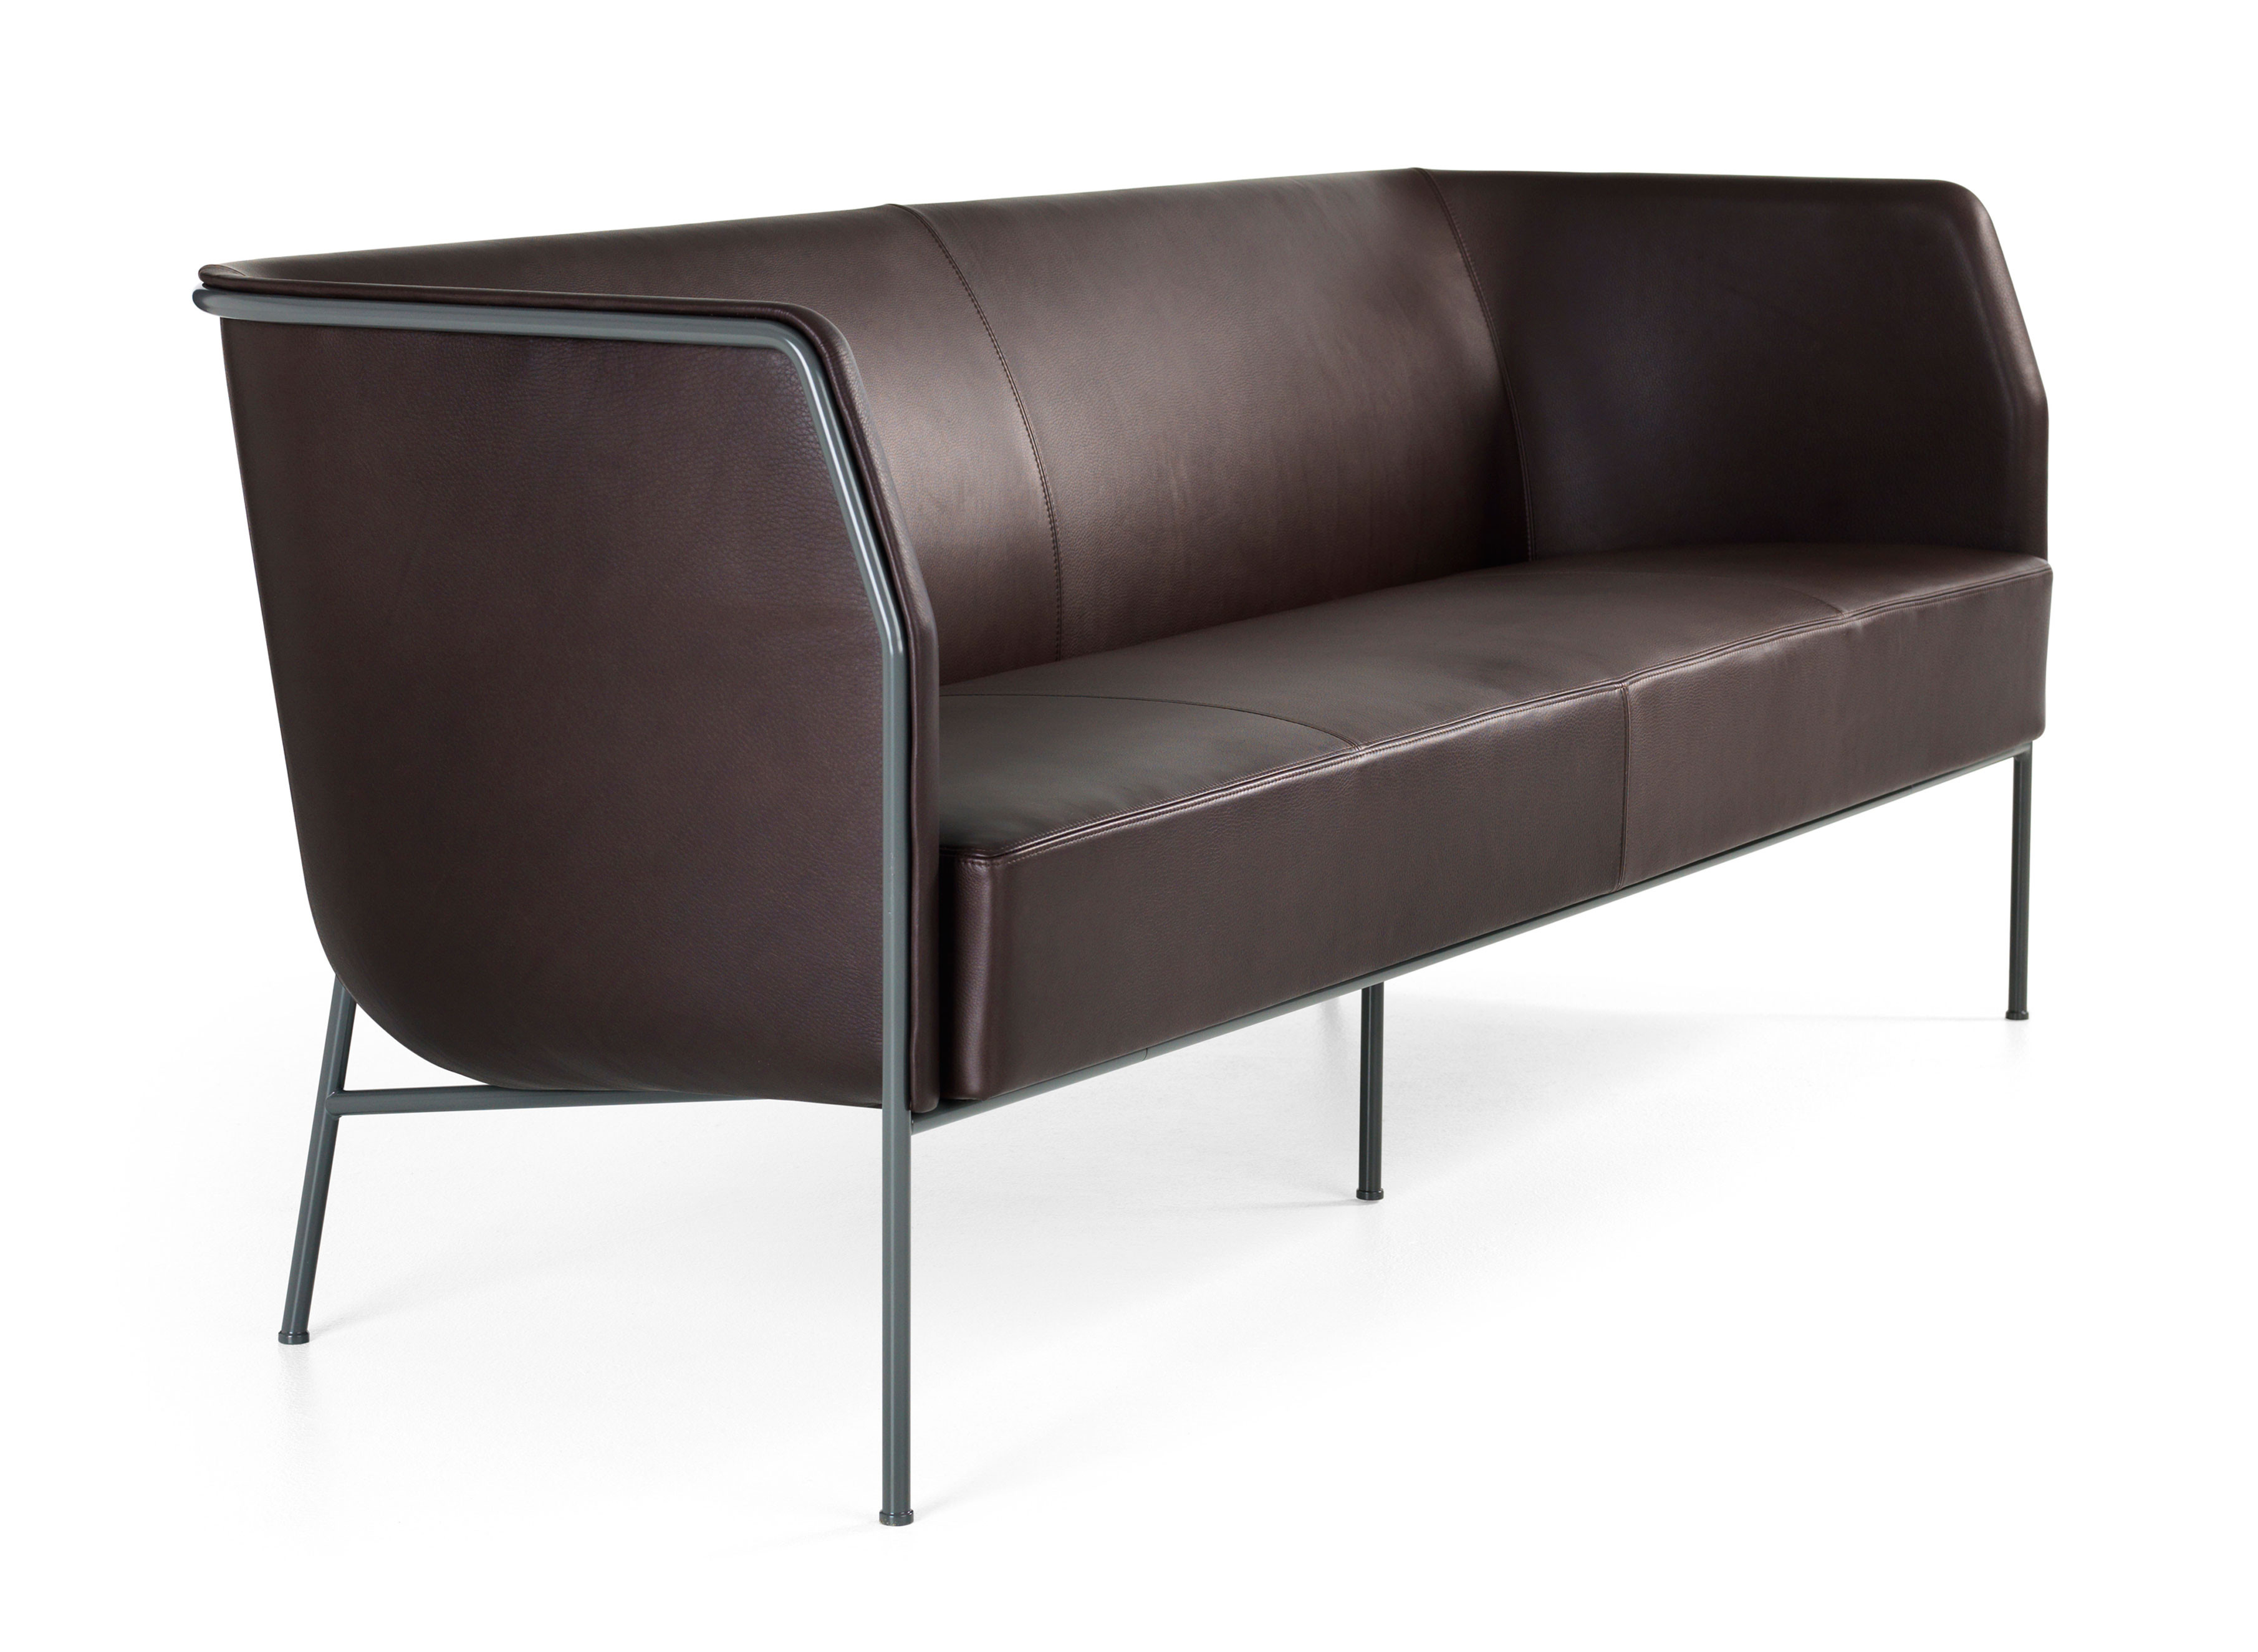 cajal u sofa large cajal u sofa large with sofa mbel - Sofa Mbel